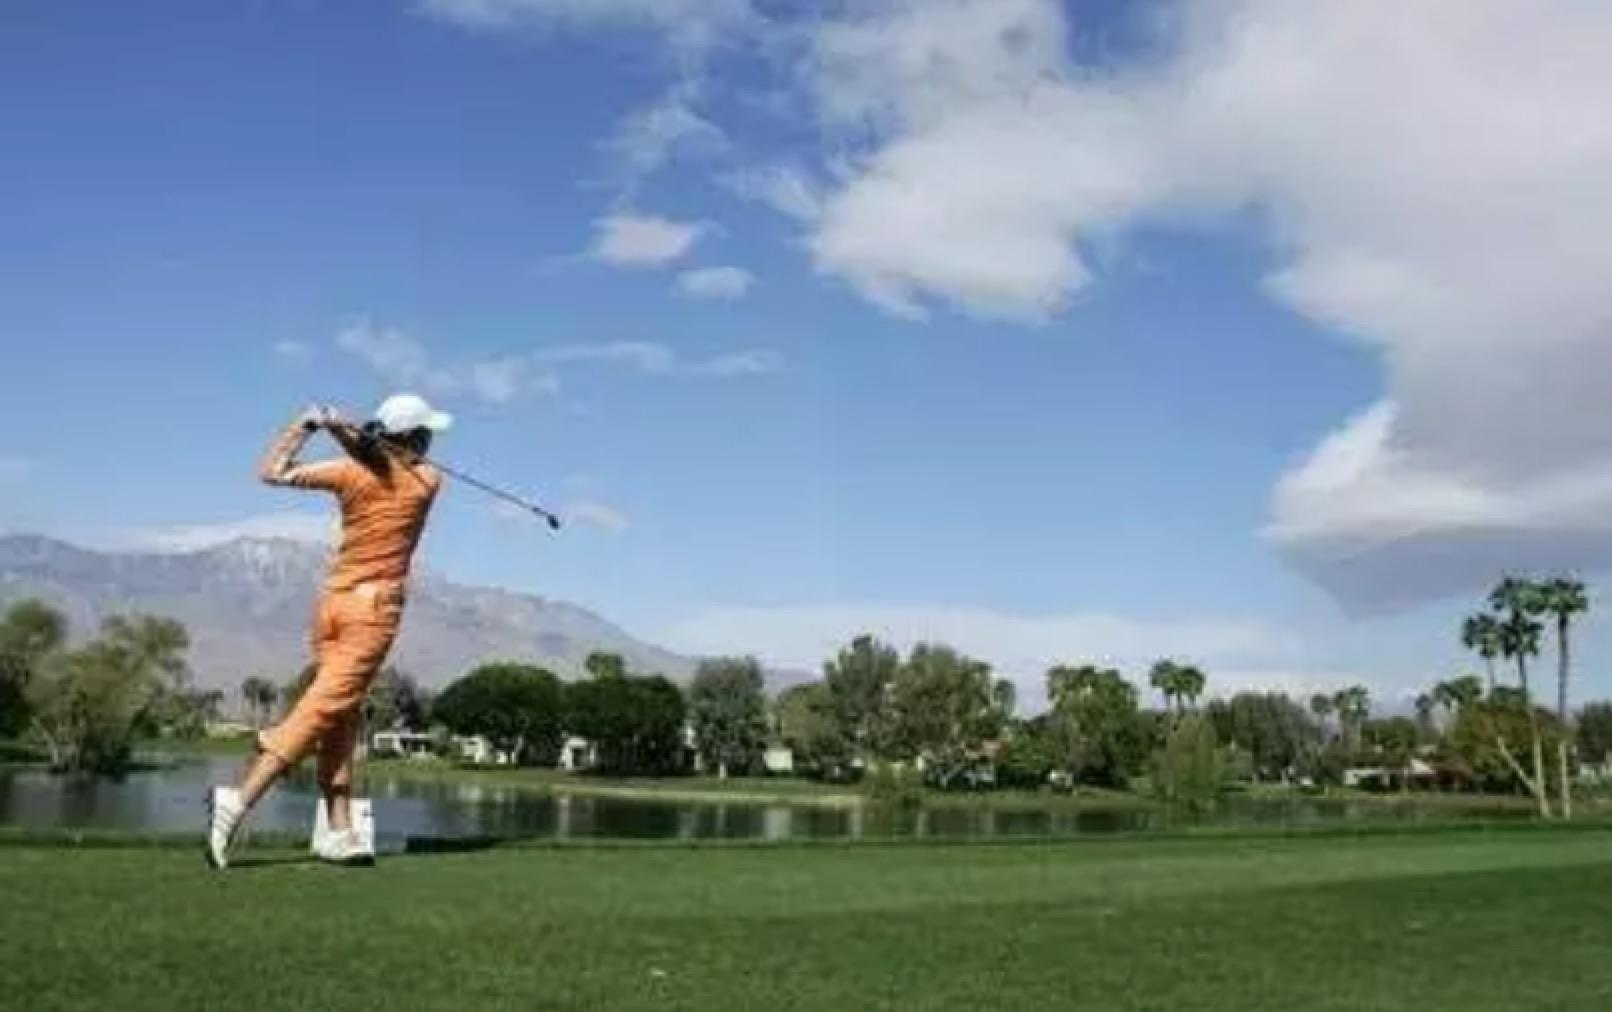 想要高尔夫球场轻松抓鸟,这款秘密武器少不了!